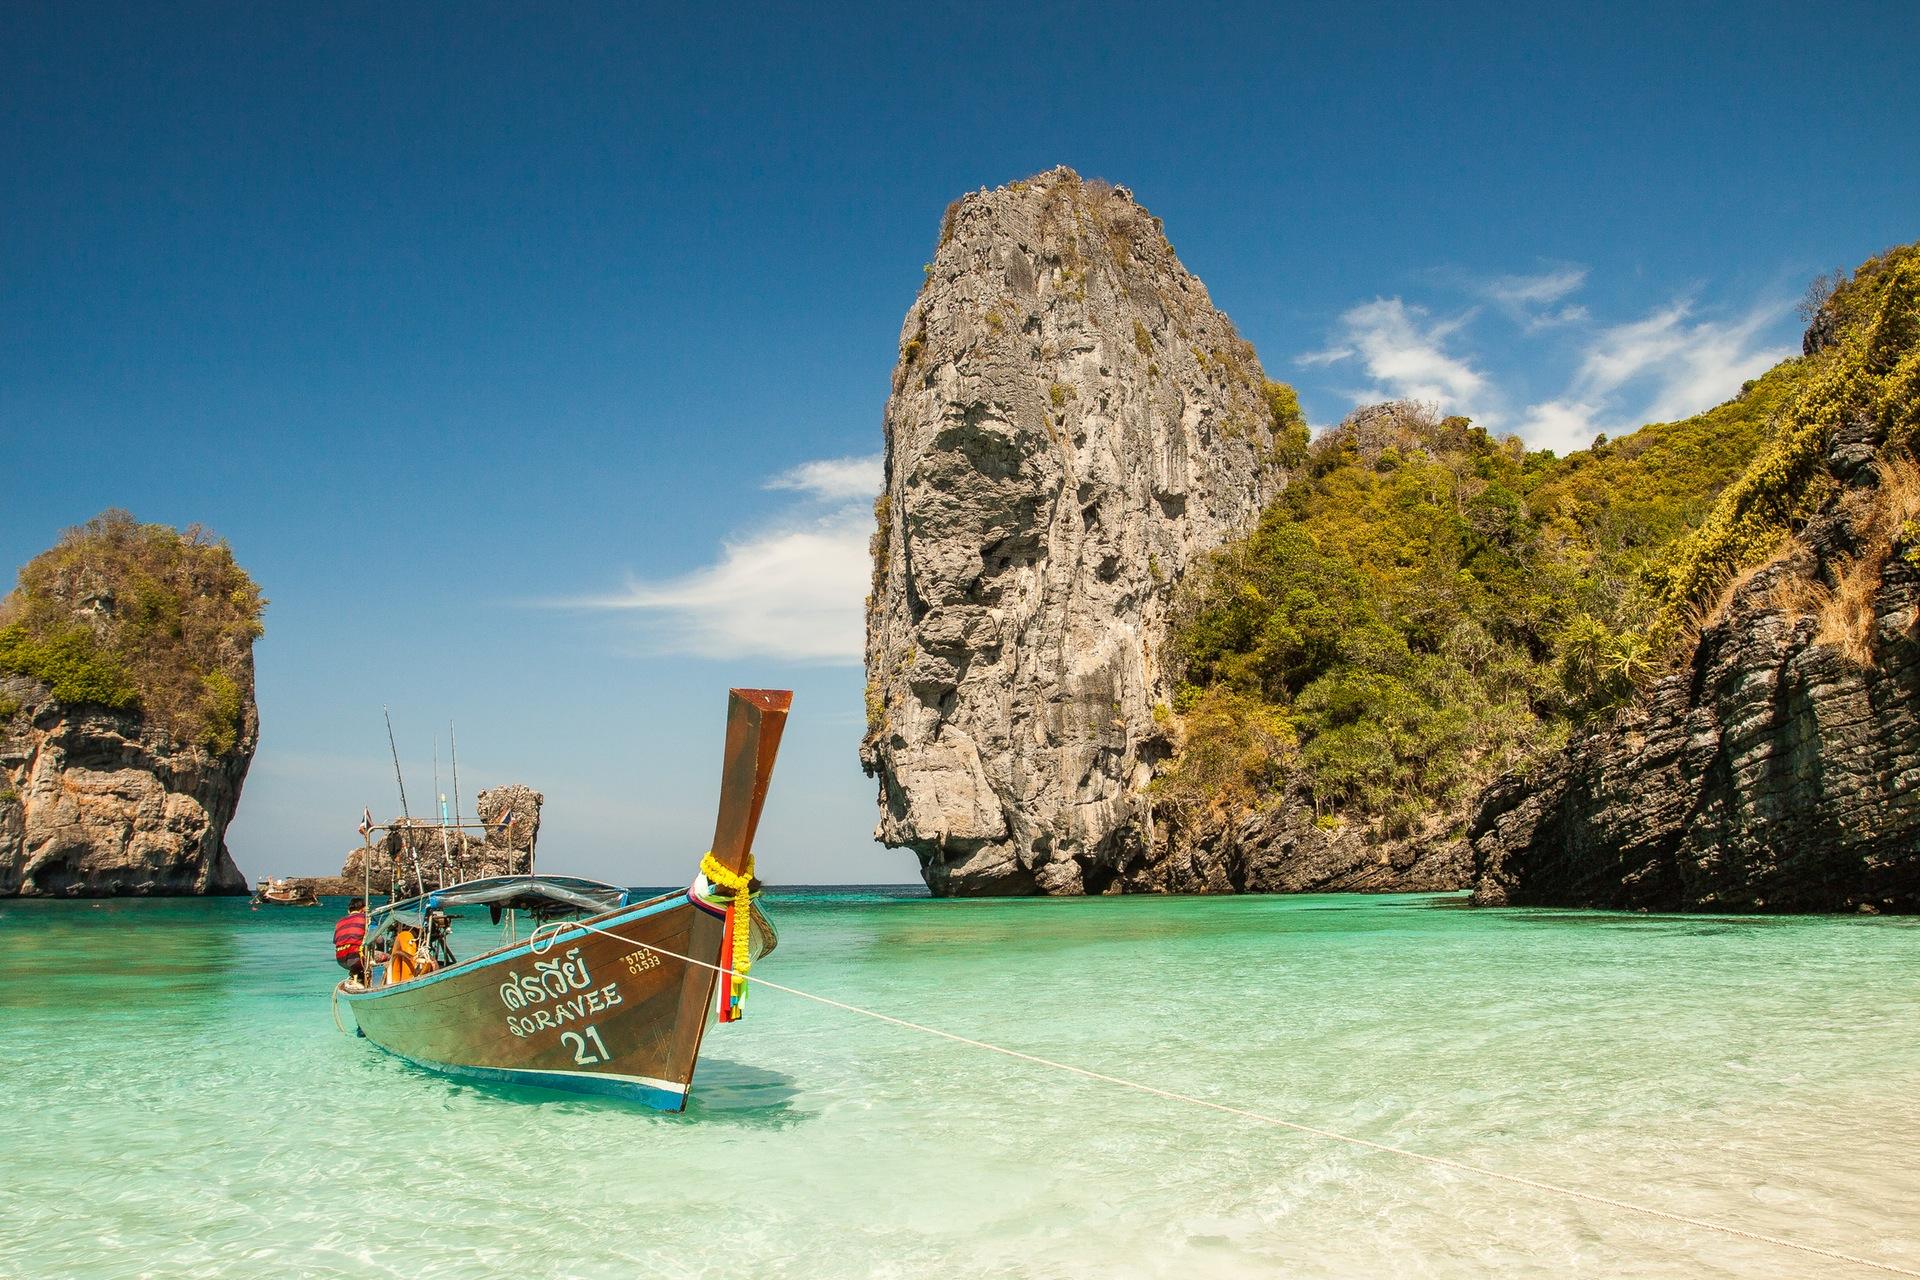 Thailand – 4 Days in Phuket